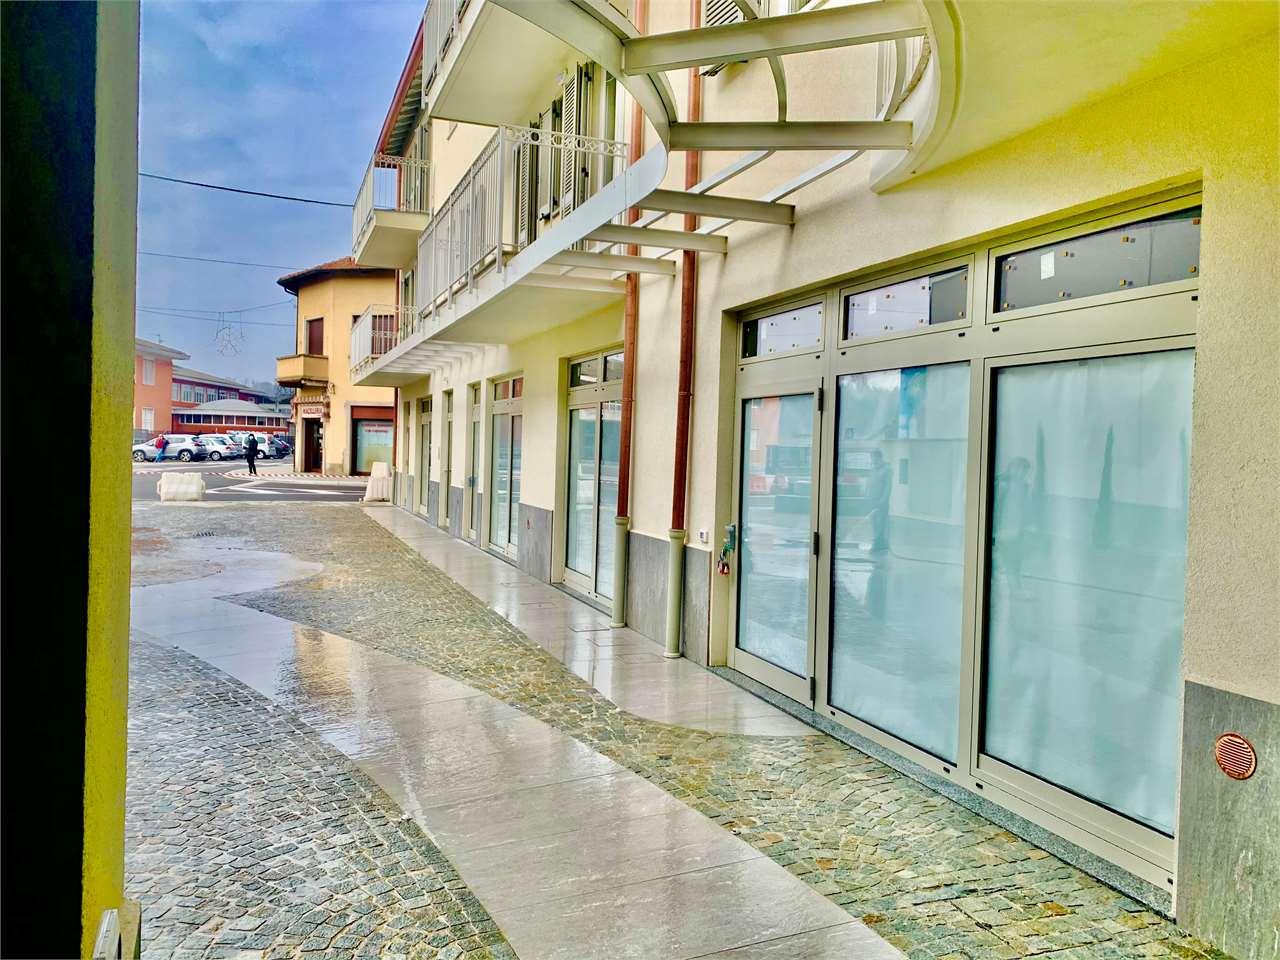 Ufficio / Studio in affitto a Vergiate, 1 locali, prezzo € 750 | PortaleAgenzieImmobiliari.it